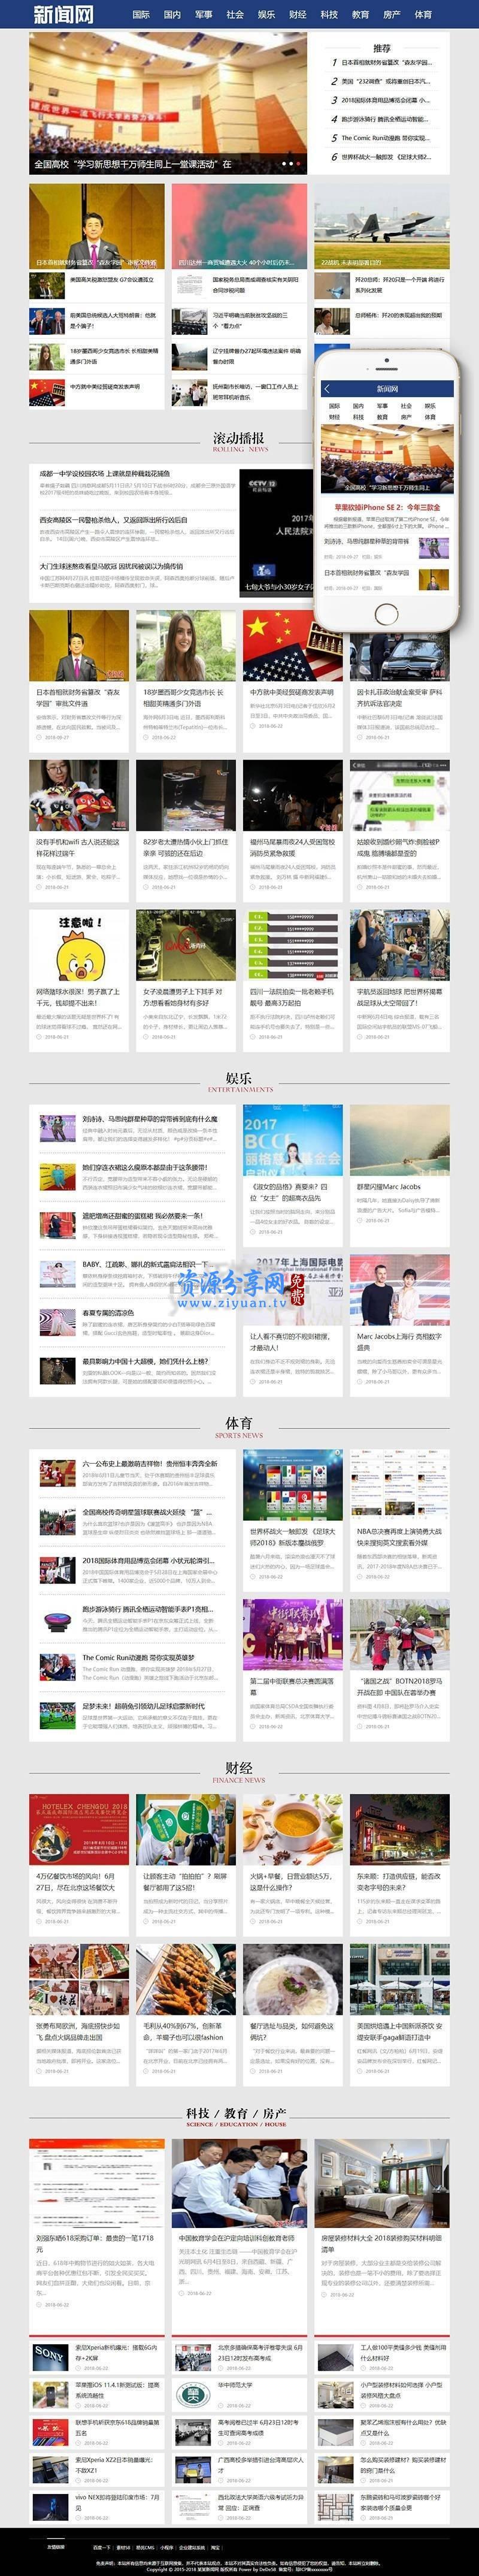 社会娱乐新闻网类网站织梦模板